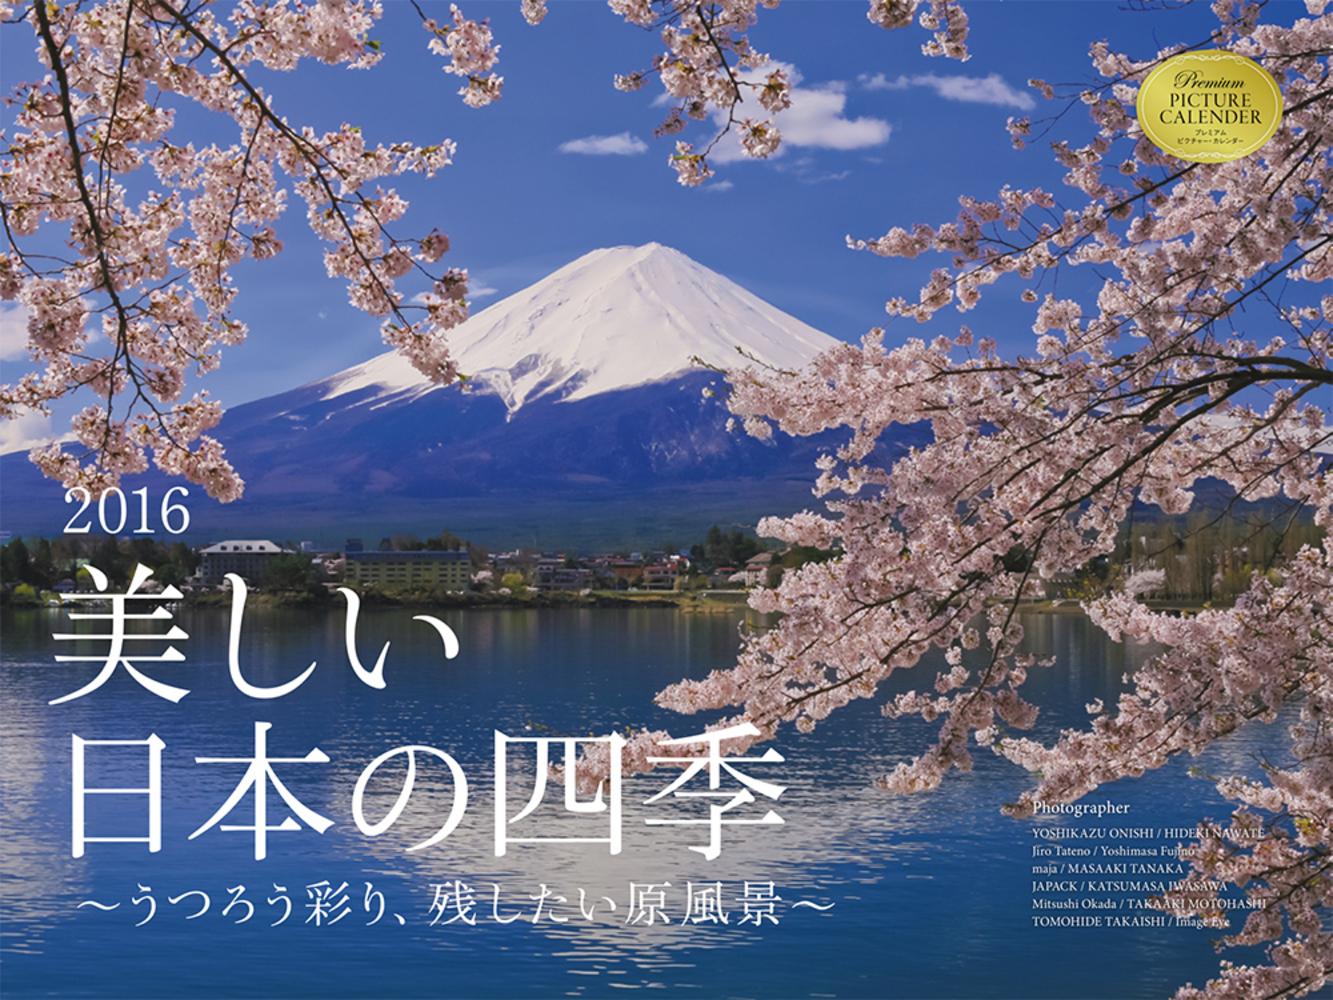 2016 美しい日本の四季 〜うつろう彩り、残したい原風景〜